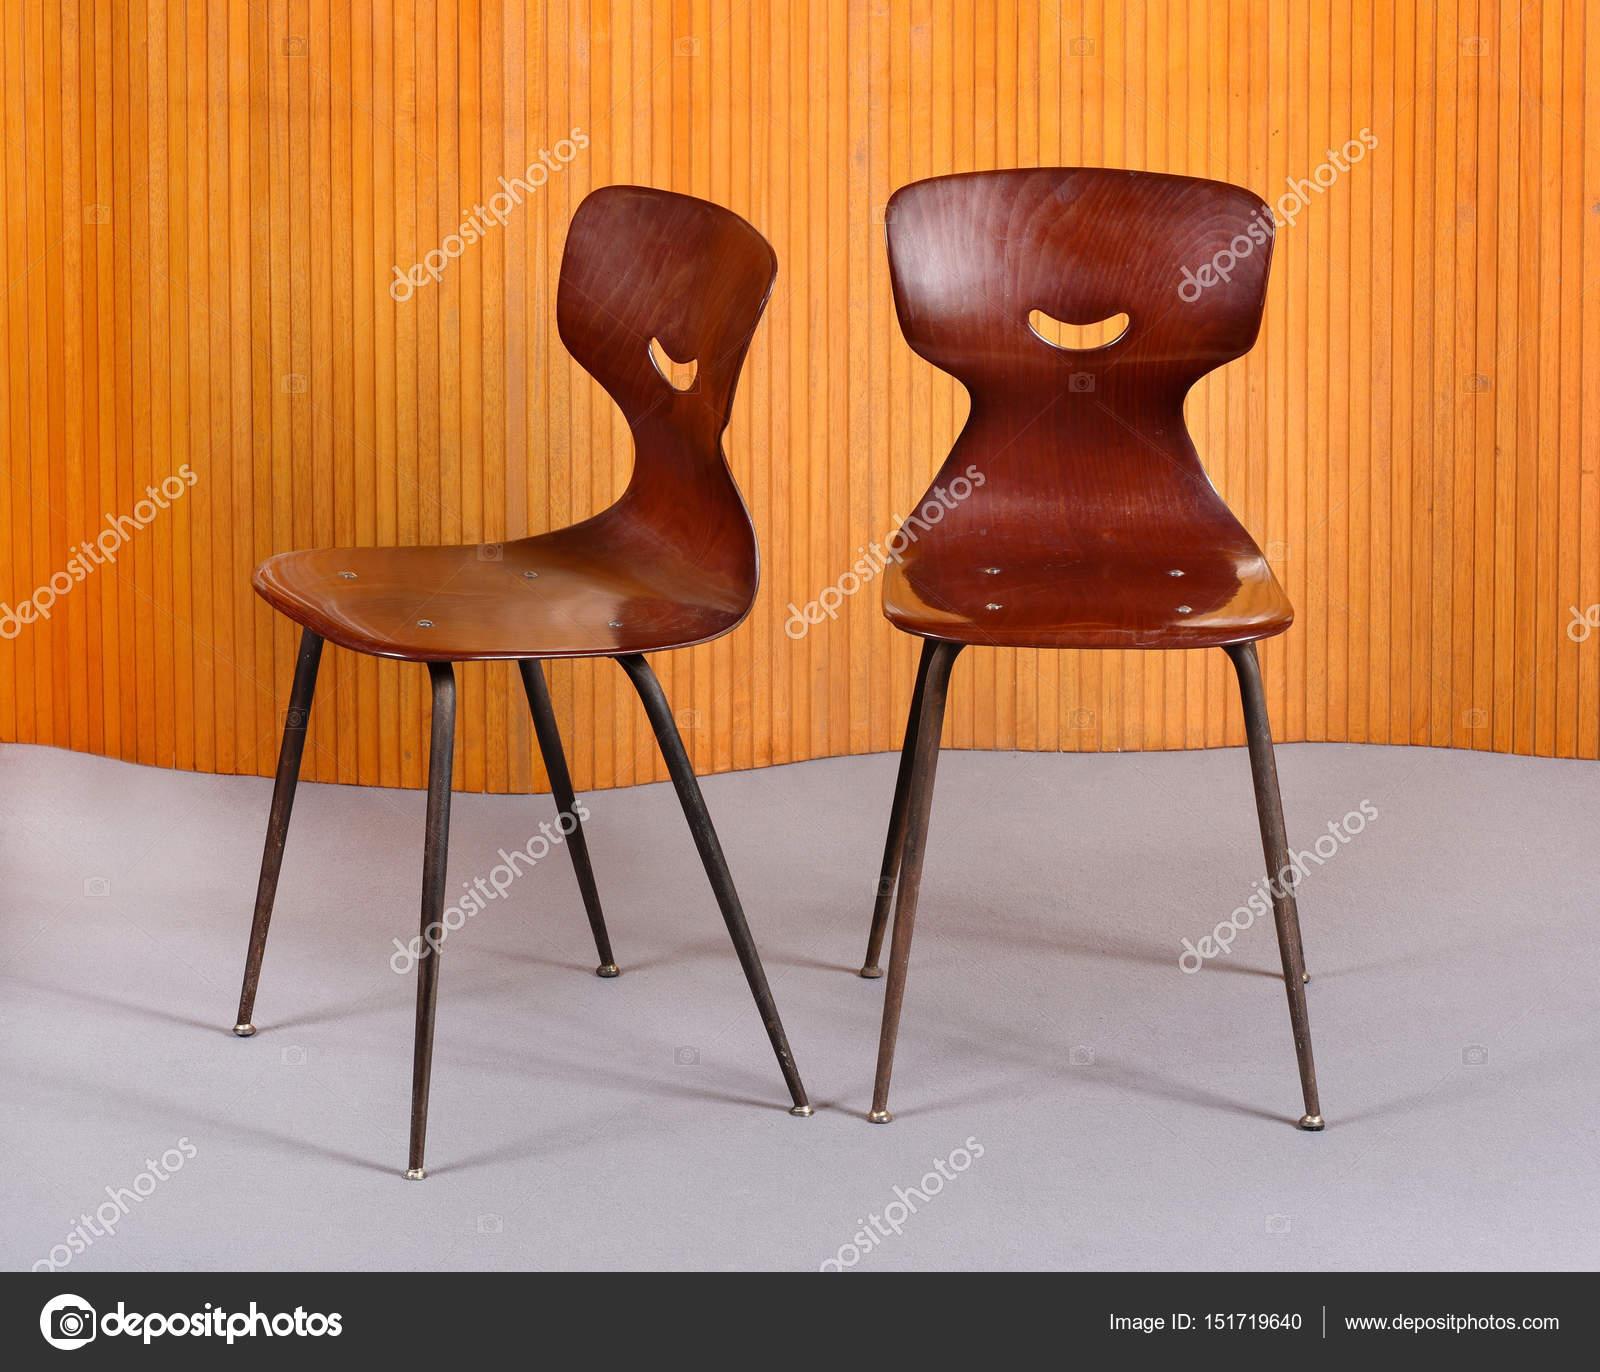 Twee Design Stoelen.Stijlvolle Gebogen Design Stoelen Stockfoto C Photology1971 151719640